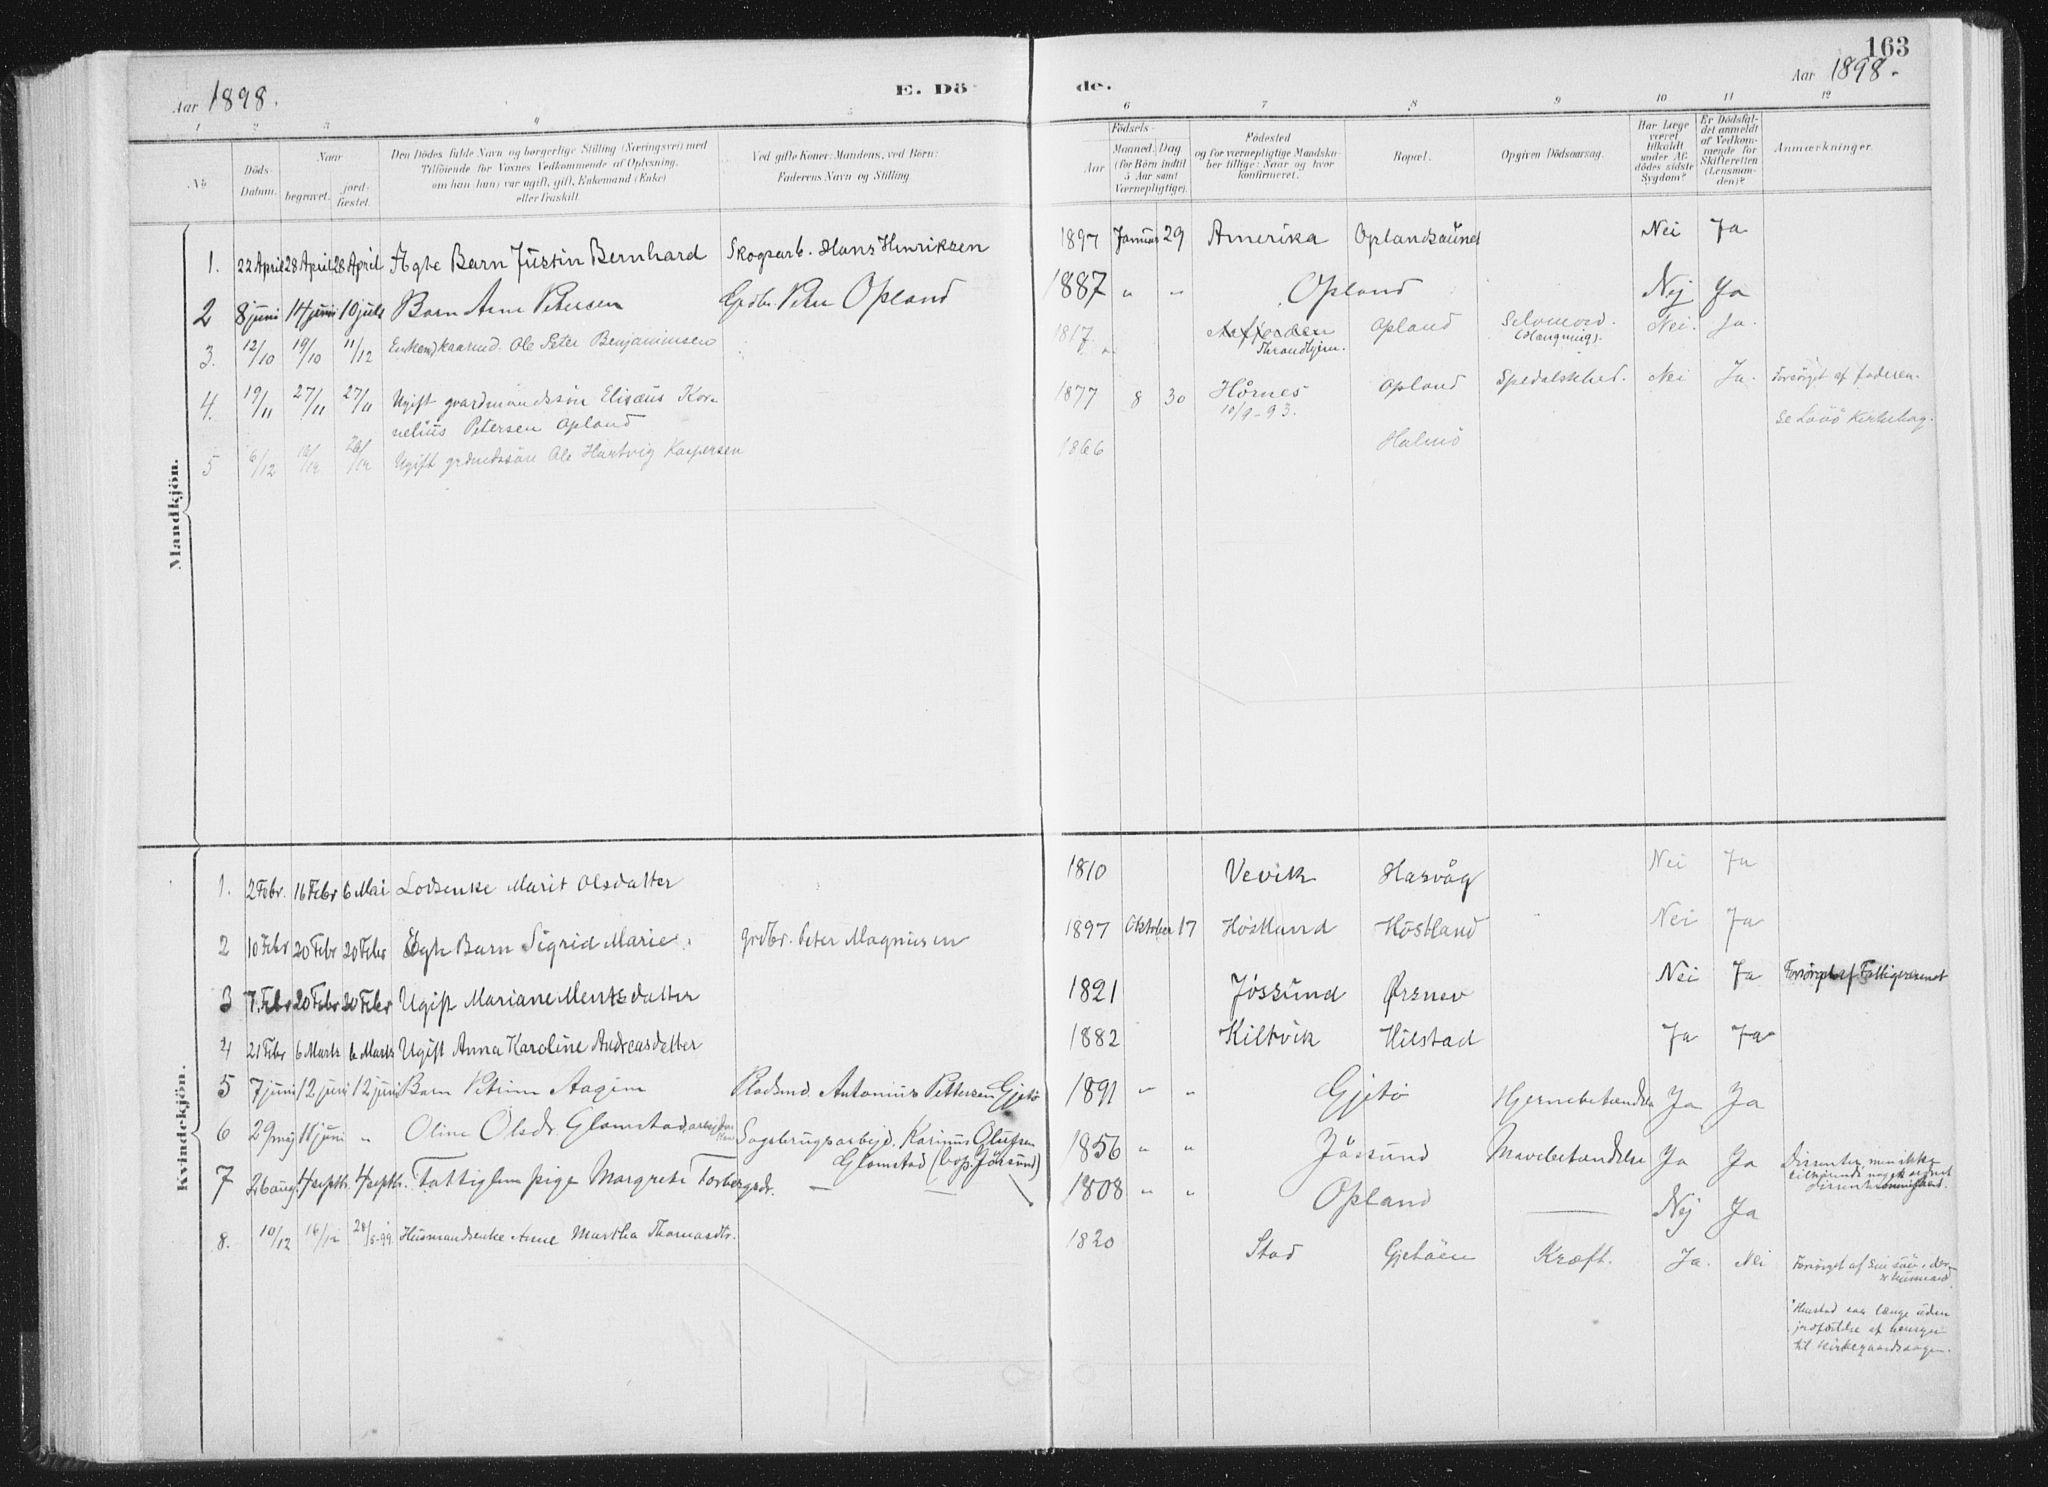 SAT, Ministerialprotokoller, klokkerbøker og fødselsregistre - Nord-Trøndelag, 771/L0597: Ministerialbok nr. 771A04, 1885-1910, s. 163